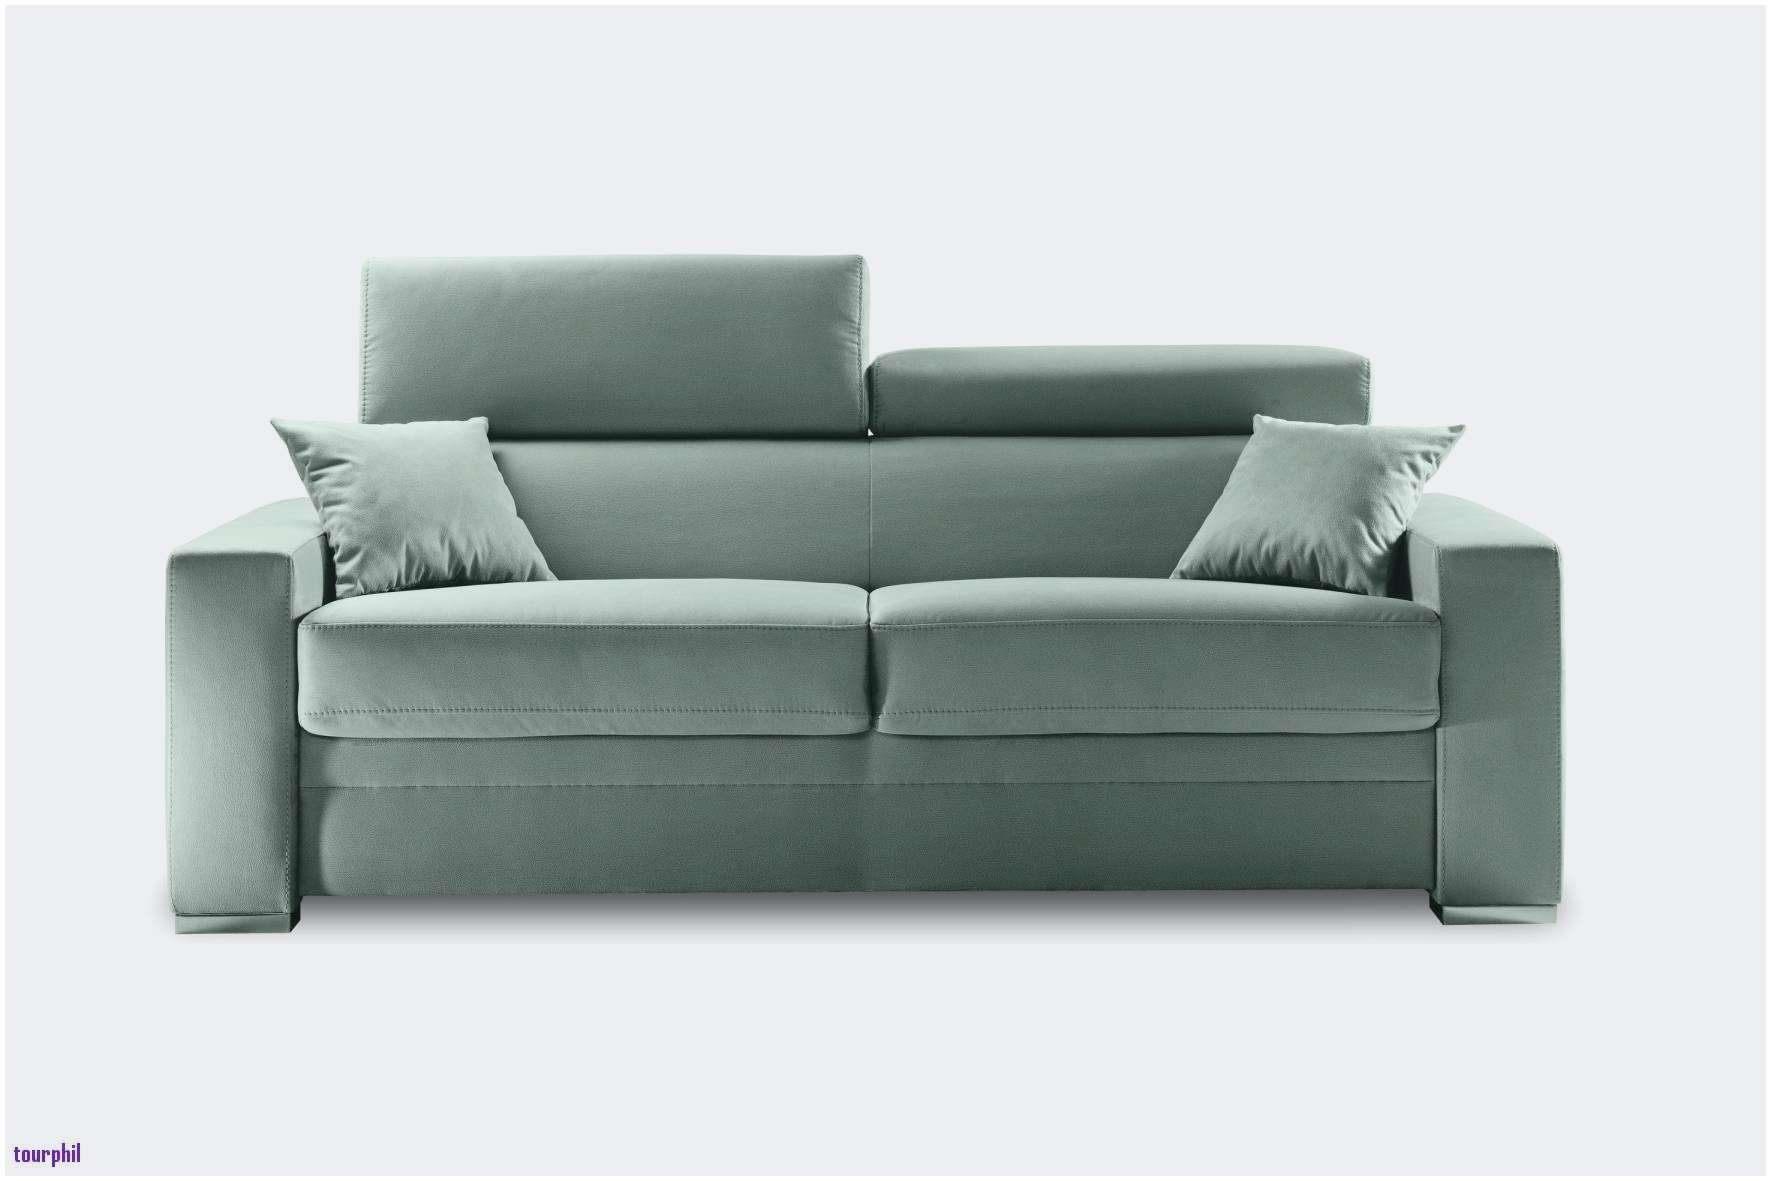 Canapé Lit Ikea Inspiré Beau Lesmeubles Canapé Clic Clac — Lesmeubles Pour Meilleur Canapé